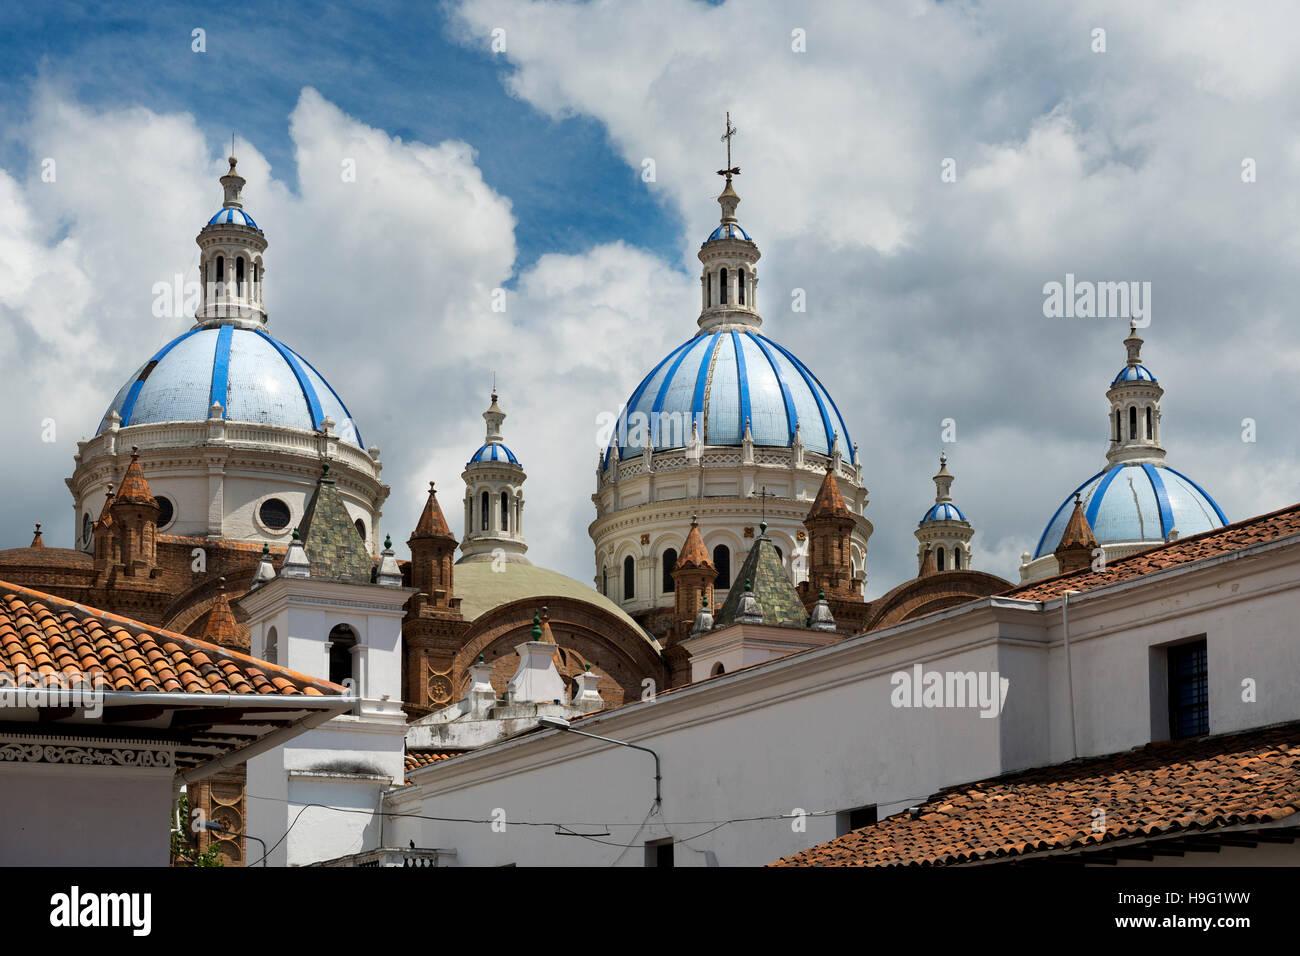 Dettaglio delle cupole blu della Cattedrale di Cuenca, Ecuador, Sud America Immagini Stock